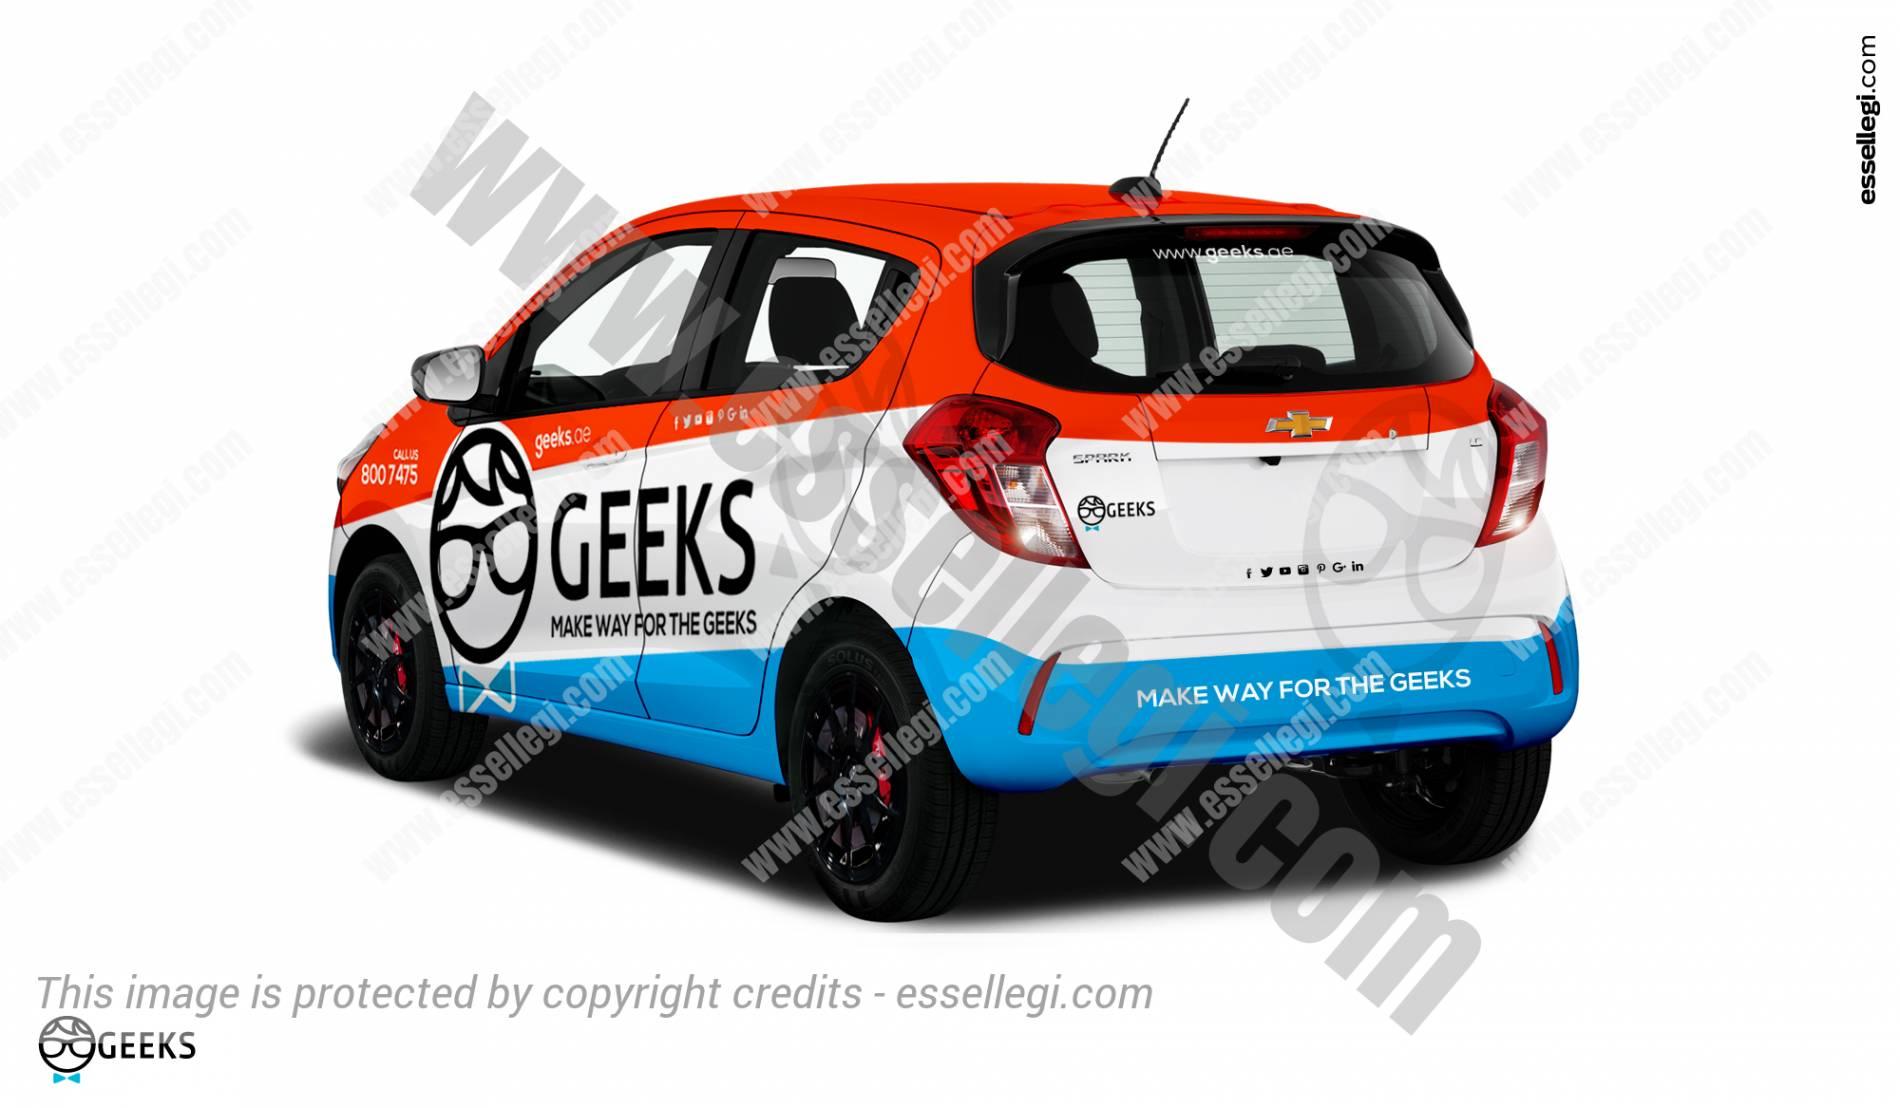 CHEVROLET SPARK CAR WRAP DESIGN BY ESSELLEGI - Car signage